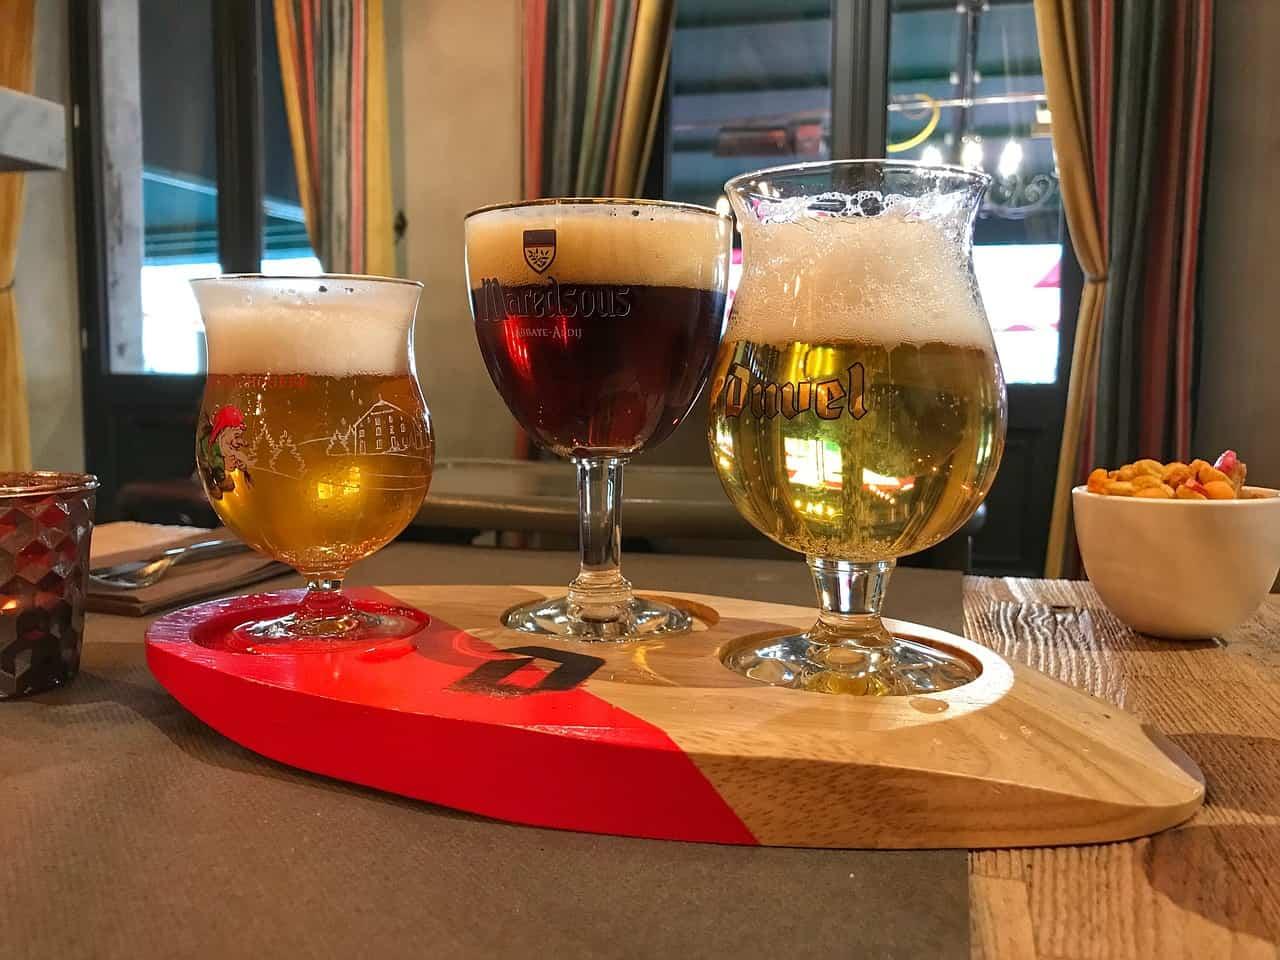 Chouffe, Maredsous et Duvel, trois verres de bière belge côte à côte sur une planche de bois.